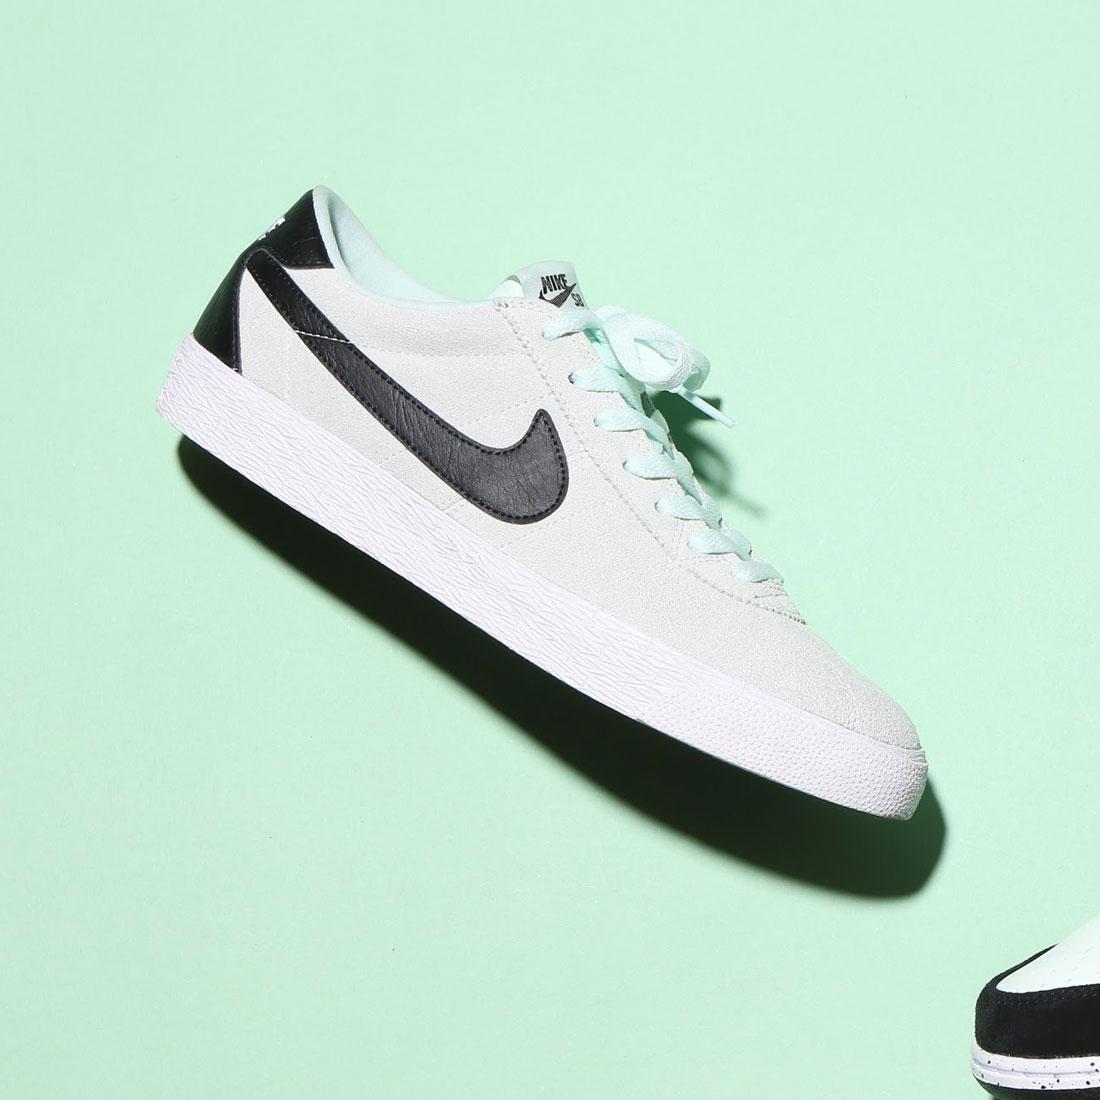 0899c3a1d3d60 NIKE SB BRUIN ZOOM PRM SE (Nike Nike SB bulldog in zoom premium SE) (BARELY  GREEN BLACK-WHITE-BLACK) 17FA-S